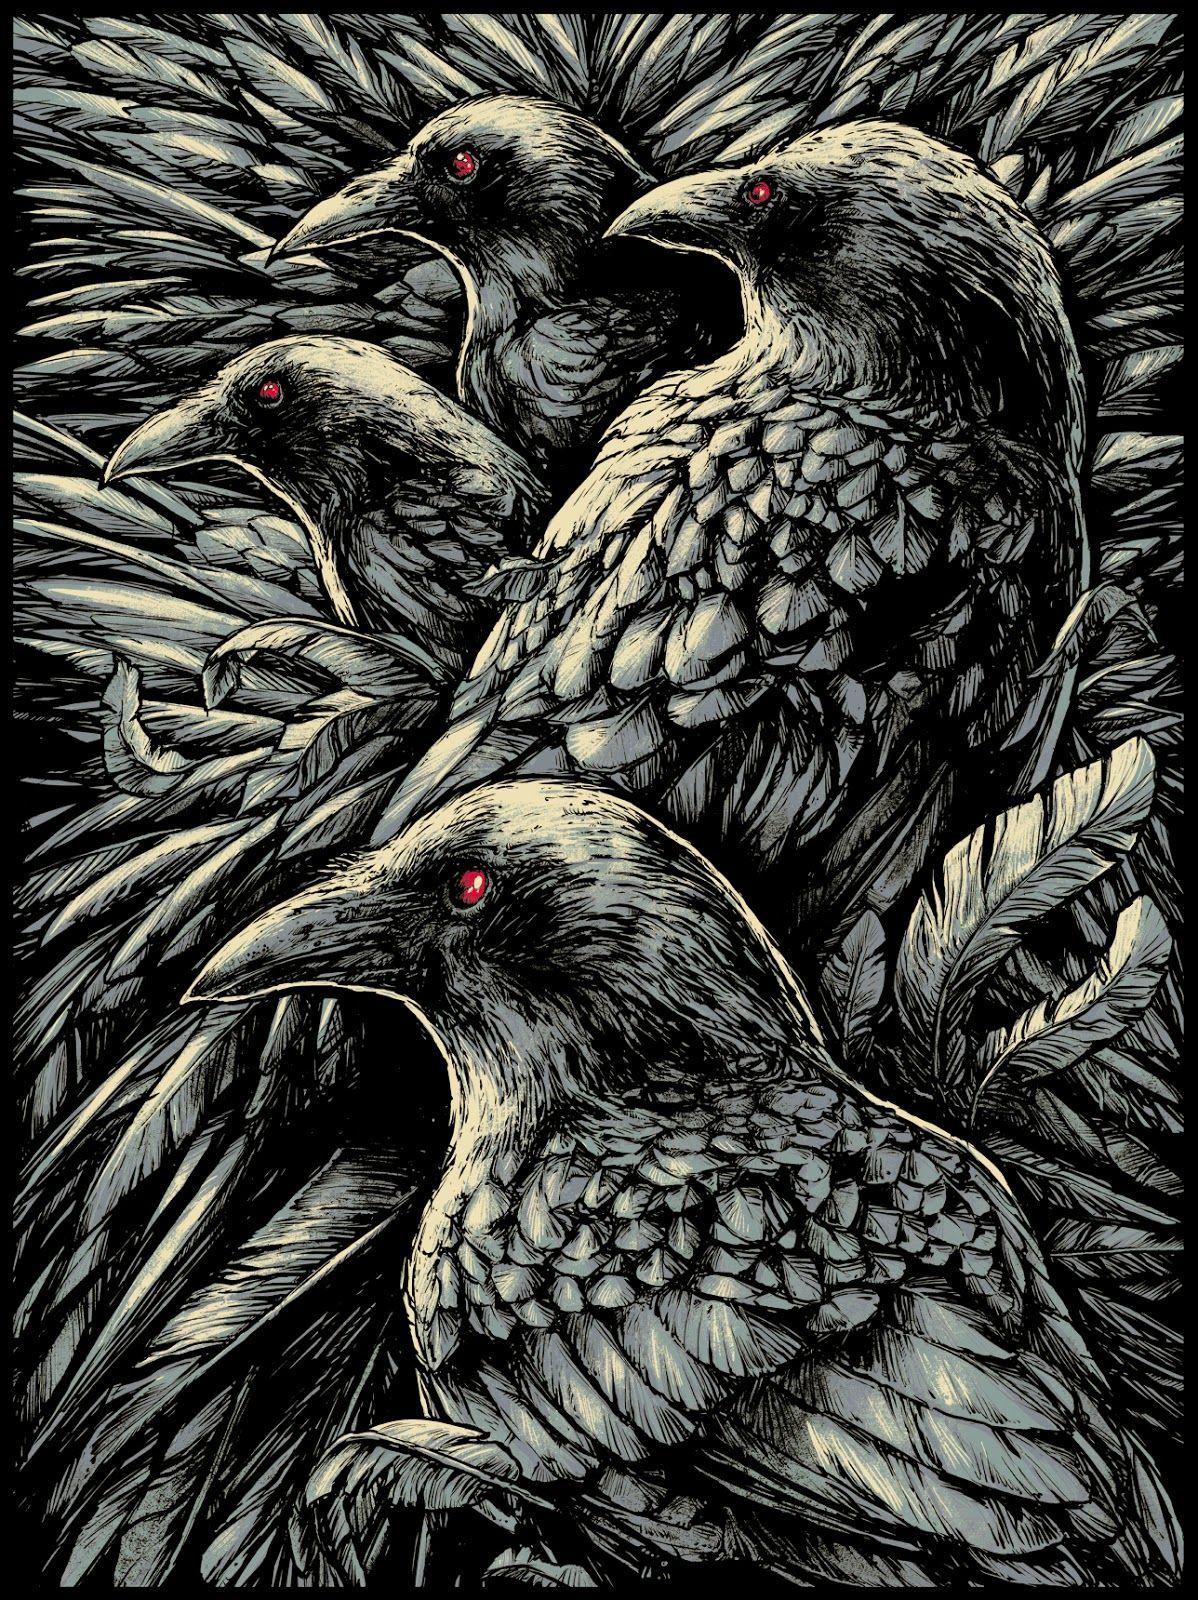 Godmachine A Murder Print On Sale Details from Warpaint Press World ...